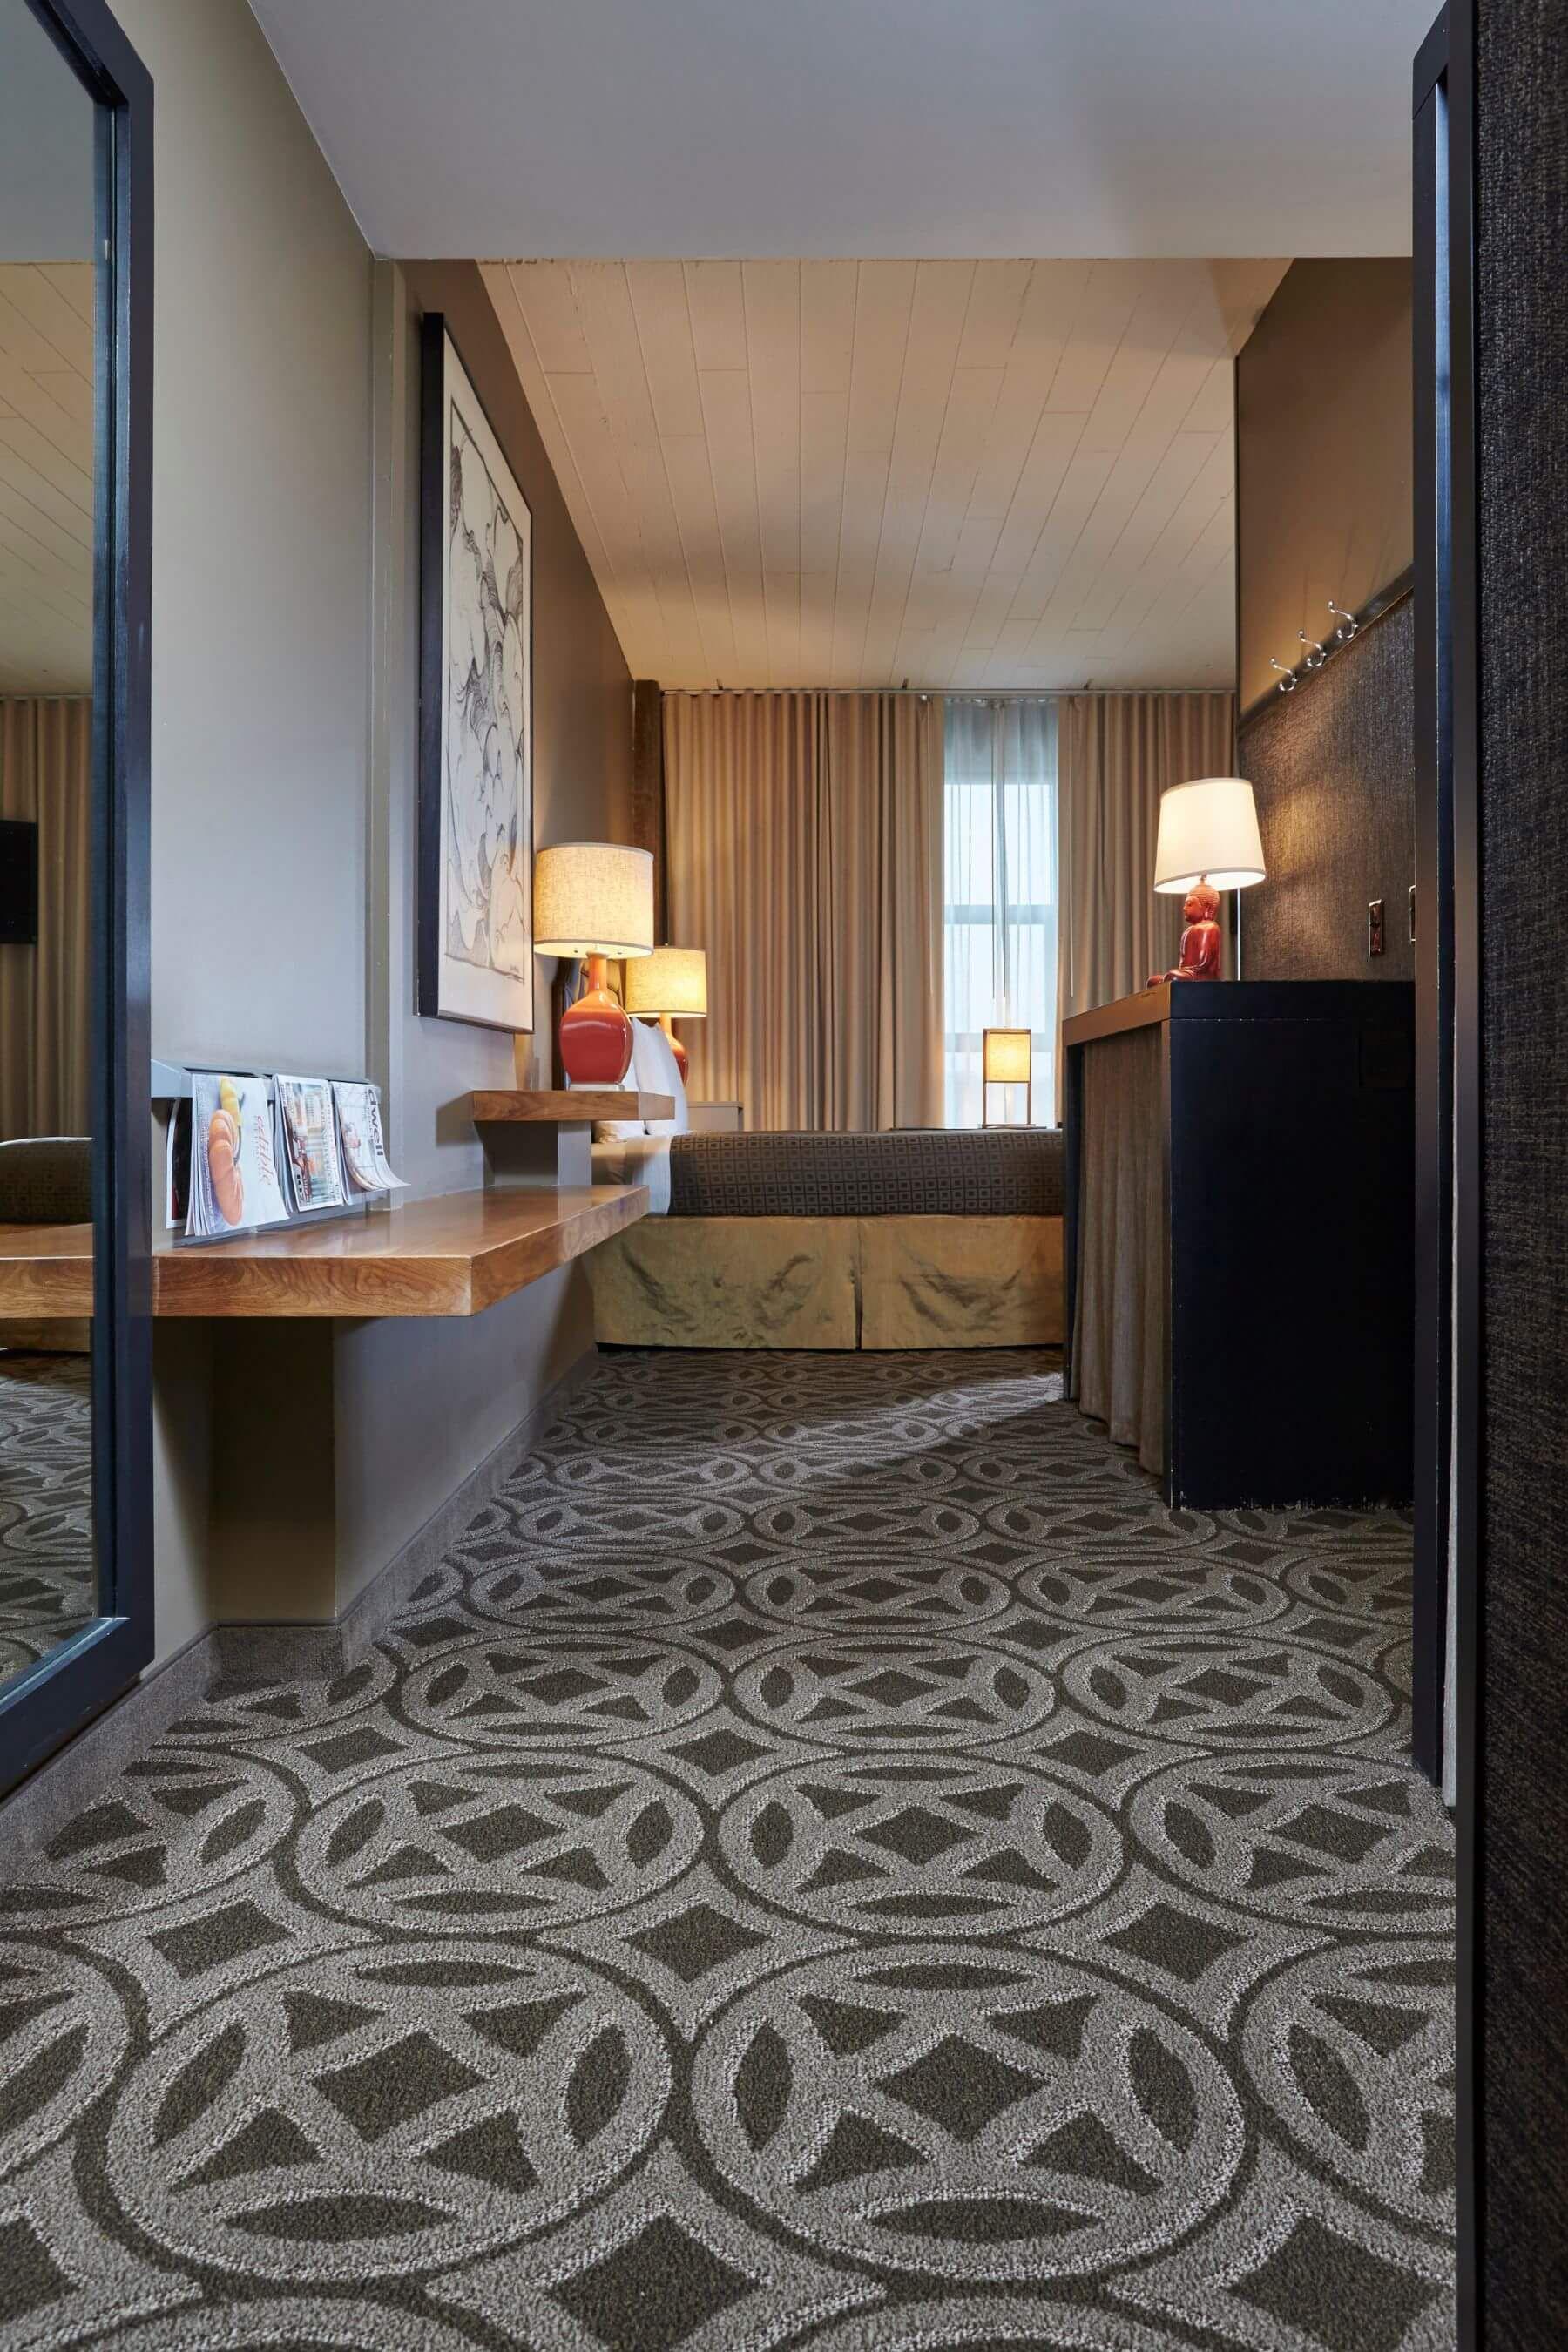 Proximity Hotel - Daltile greensboro nc